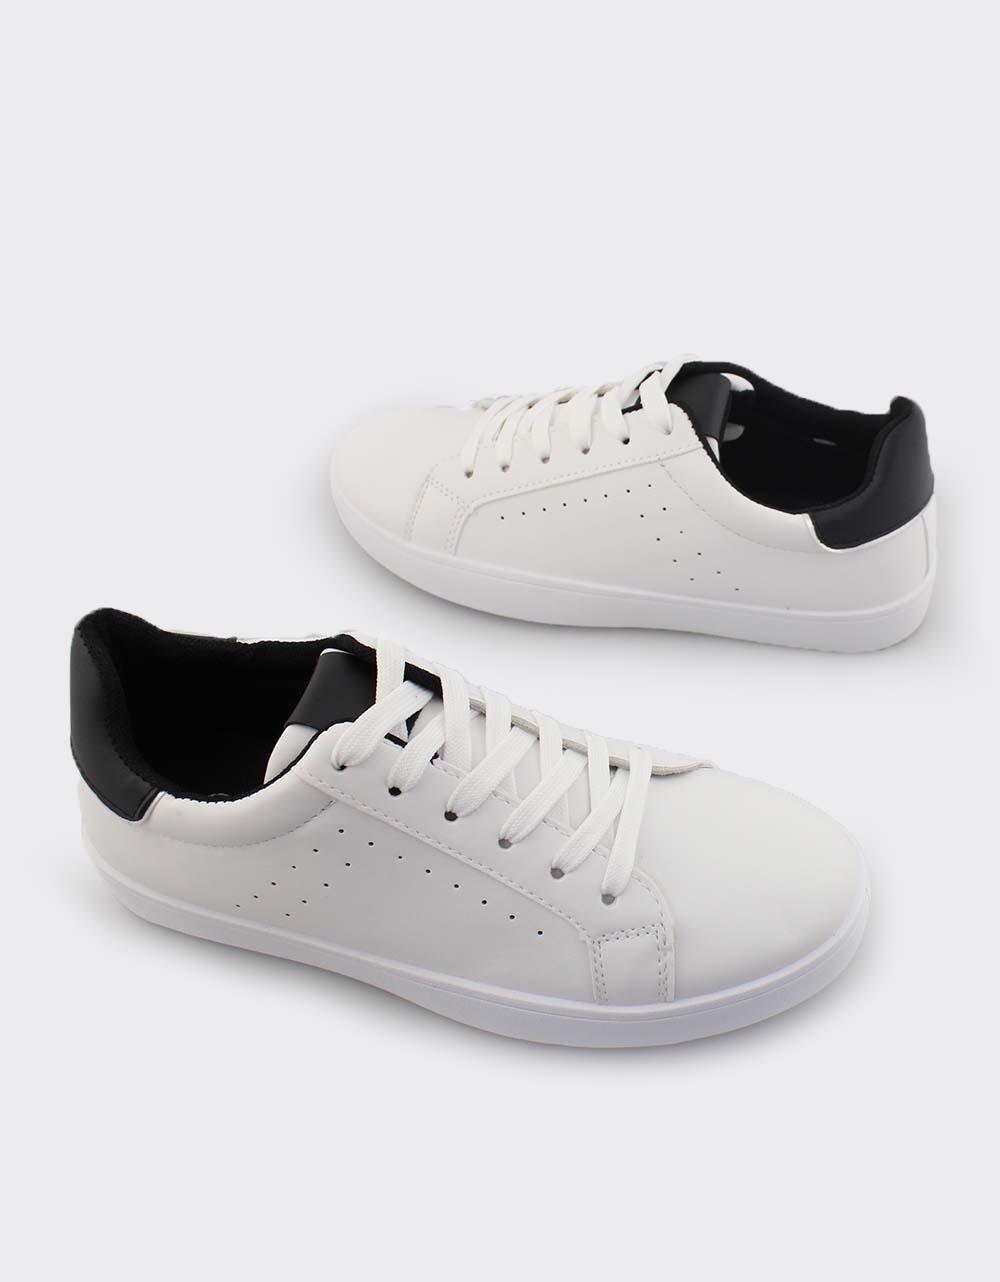 Εικόνα από Γυναικεία sneakers με λεπτομέρεια Λευκό/Μαύρο